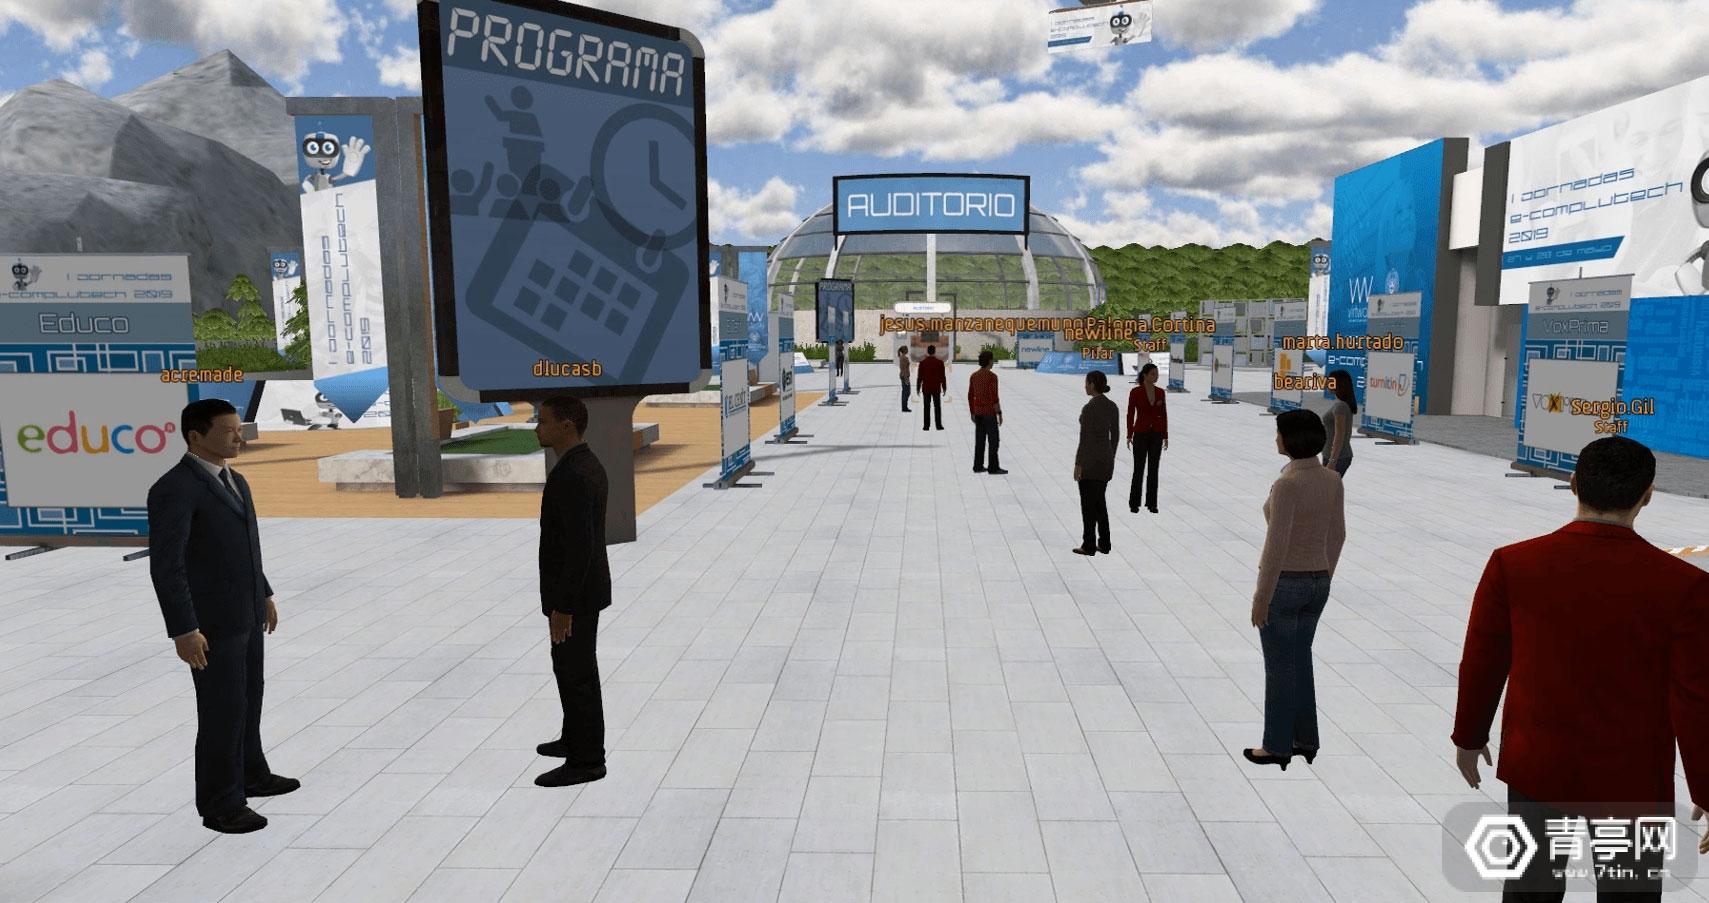 世界最大3D虚拟会议平台Virtway获400万欧元融资